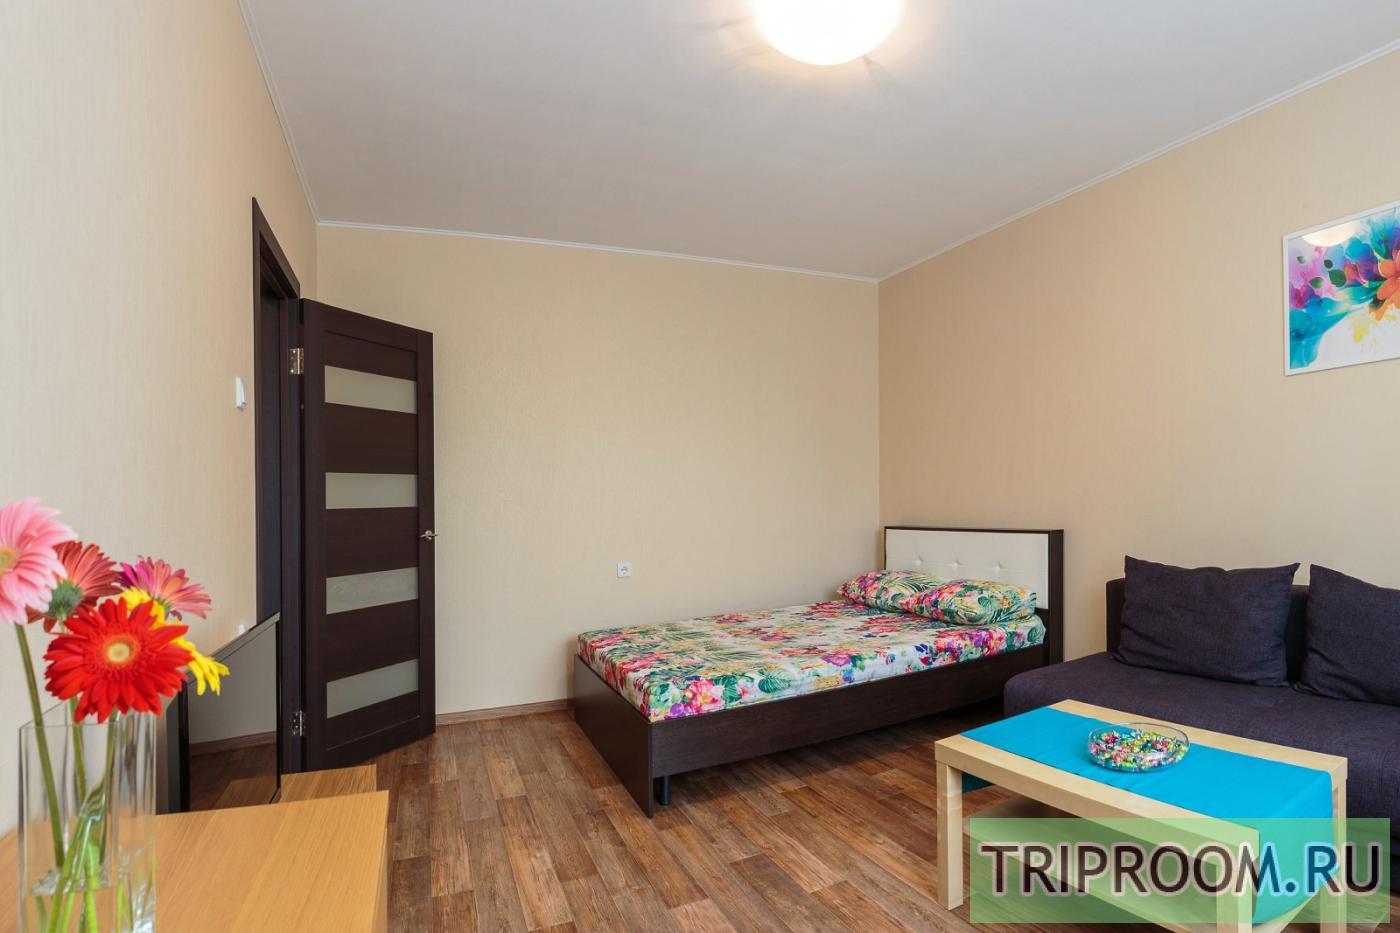 1-комнатная квартира посуточно (вариант № 16235), ул. Анатолия Мехренцева улица, фото № 3